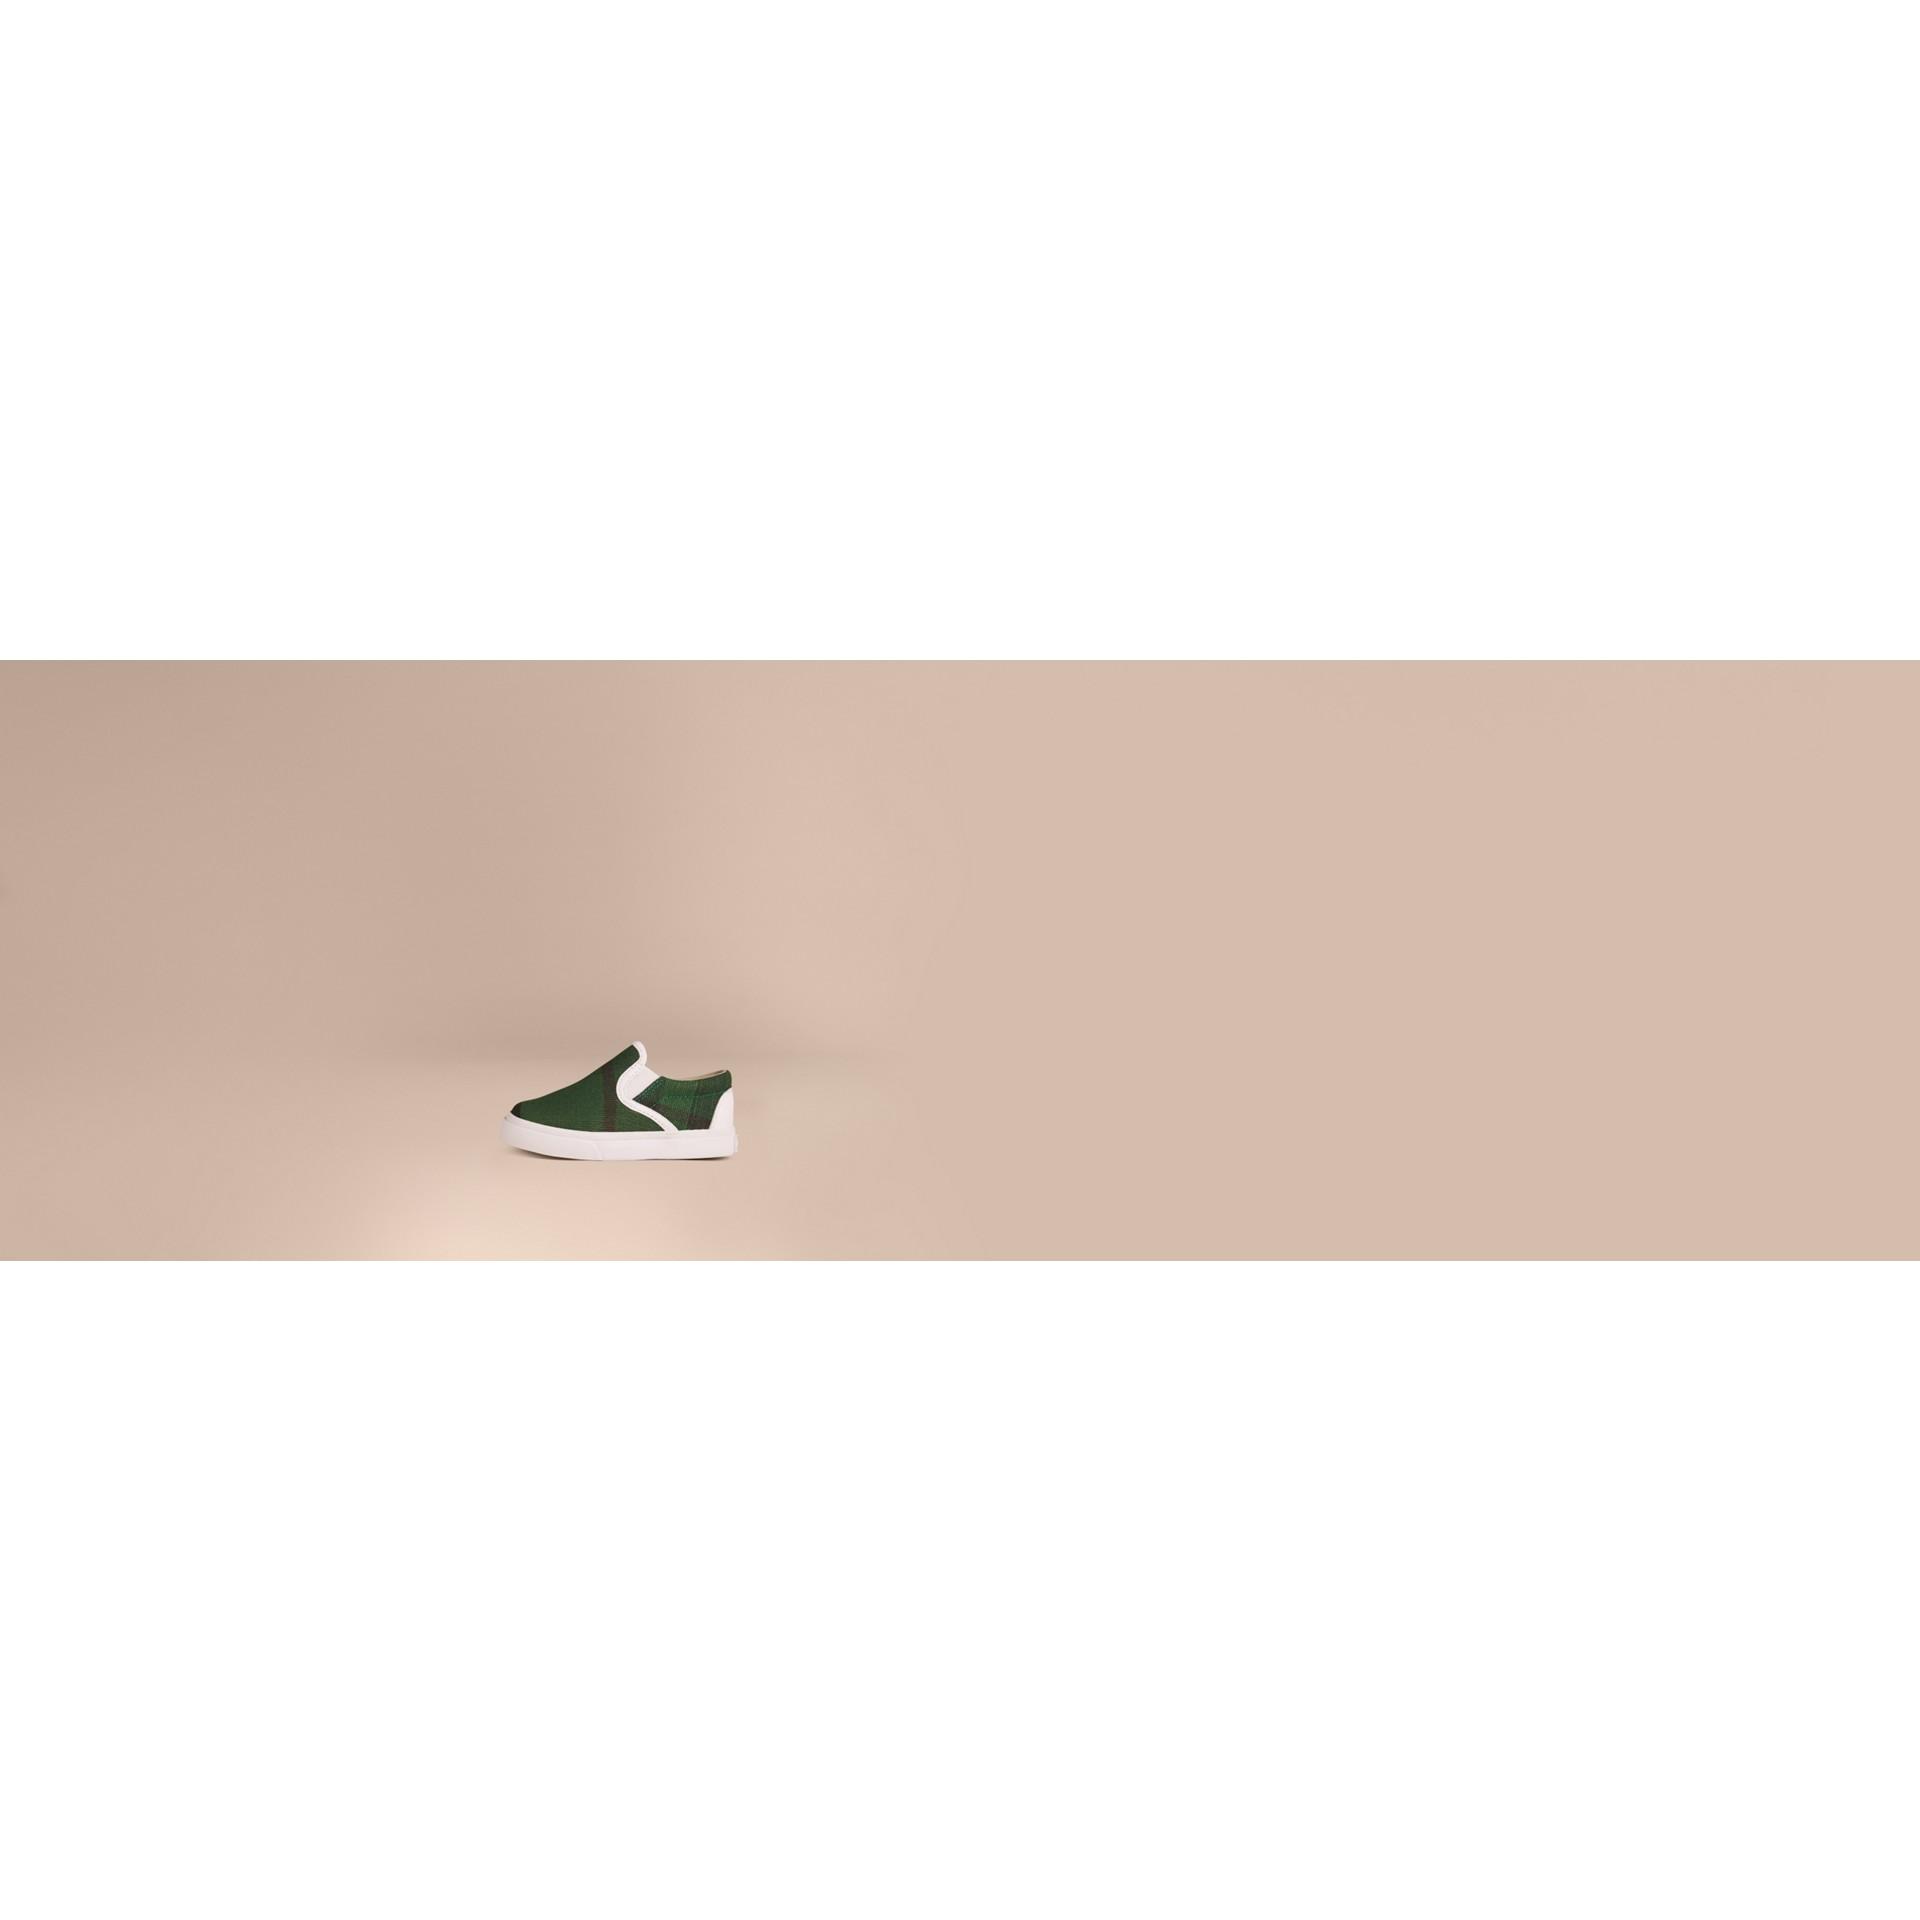 亮玉綠色 Canvas 格紋便鞋 - 圖庫照片 2